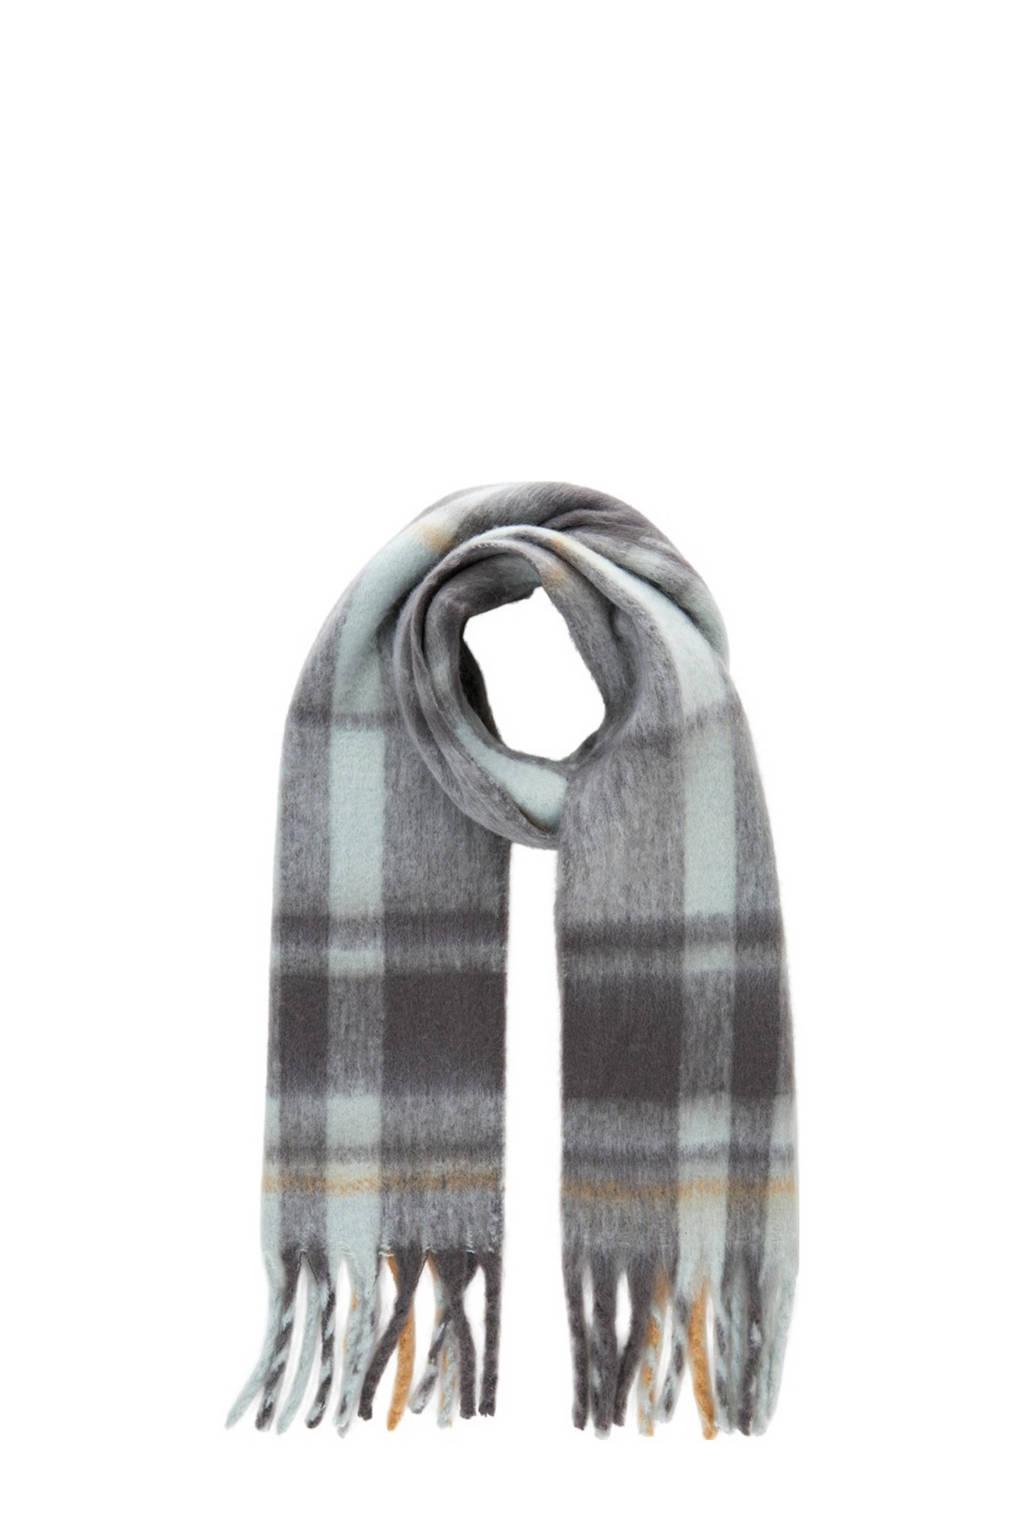 PIECES geruite sjaal PCFRANJA lichtblauw/grijs, Lichtblauw/grijs